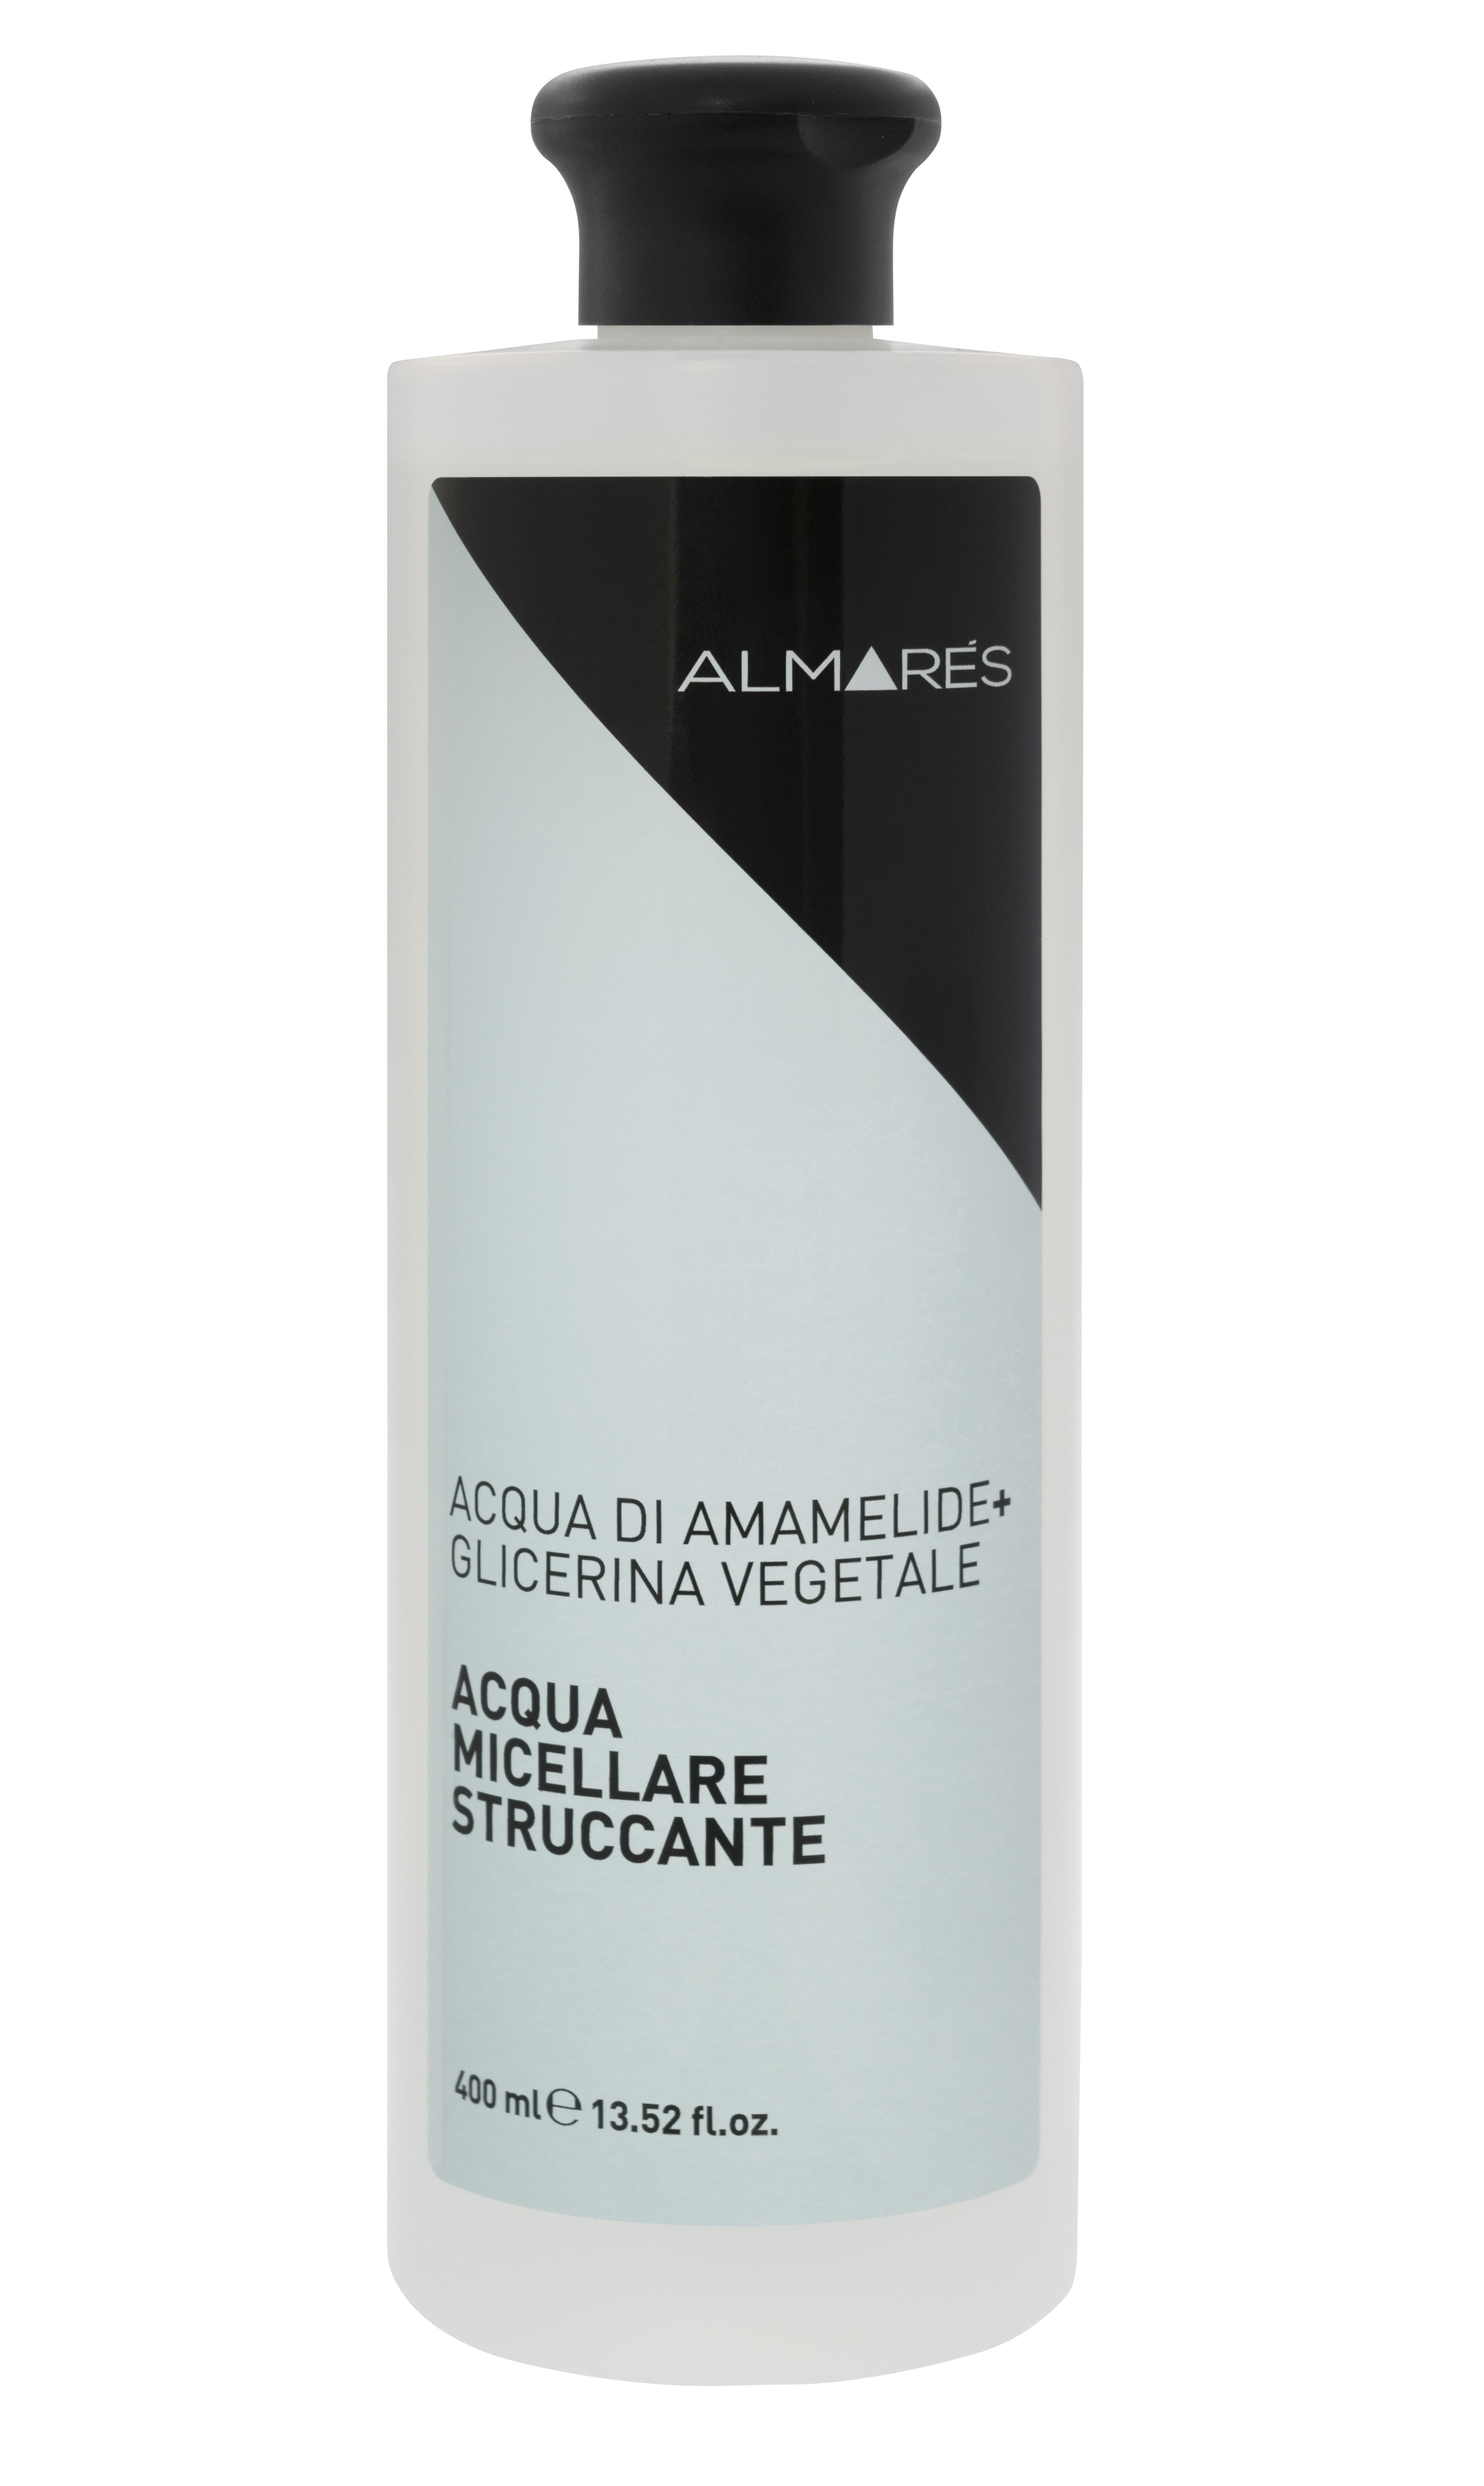 Image of Almarés Acqua Micellare 400ml 8052439842357